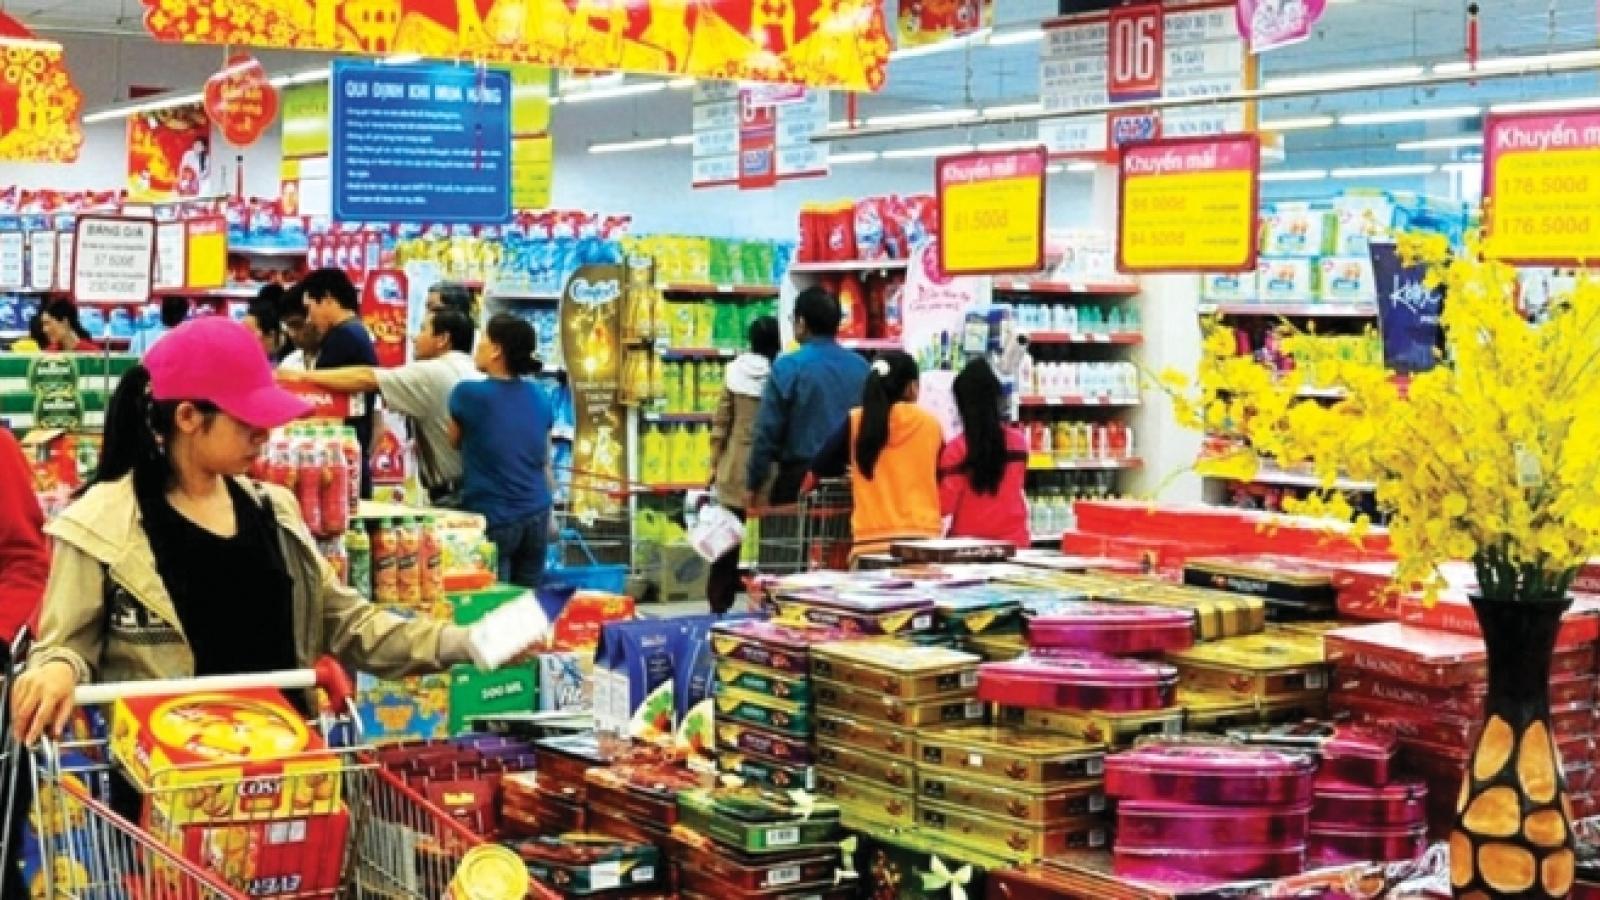 Giá các loại thực phẩm tăng từ 5-15% trong ngày 29 Tết